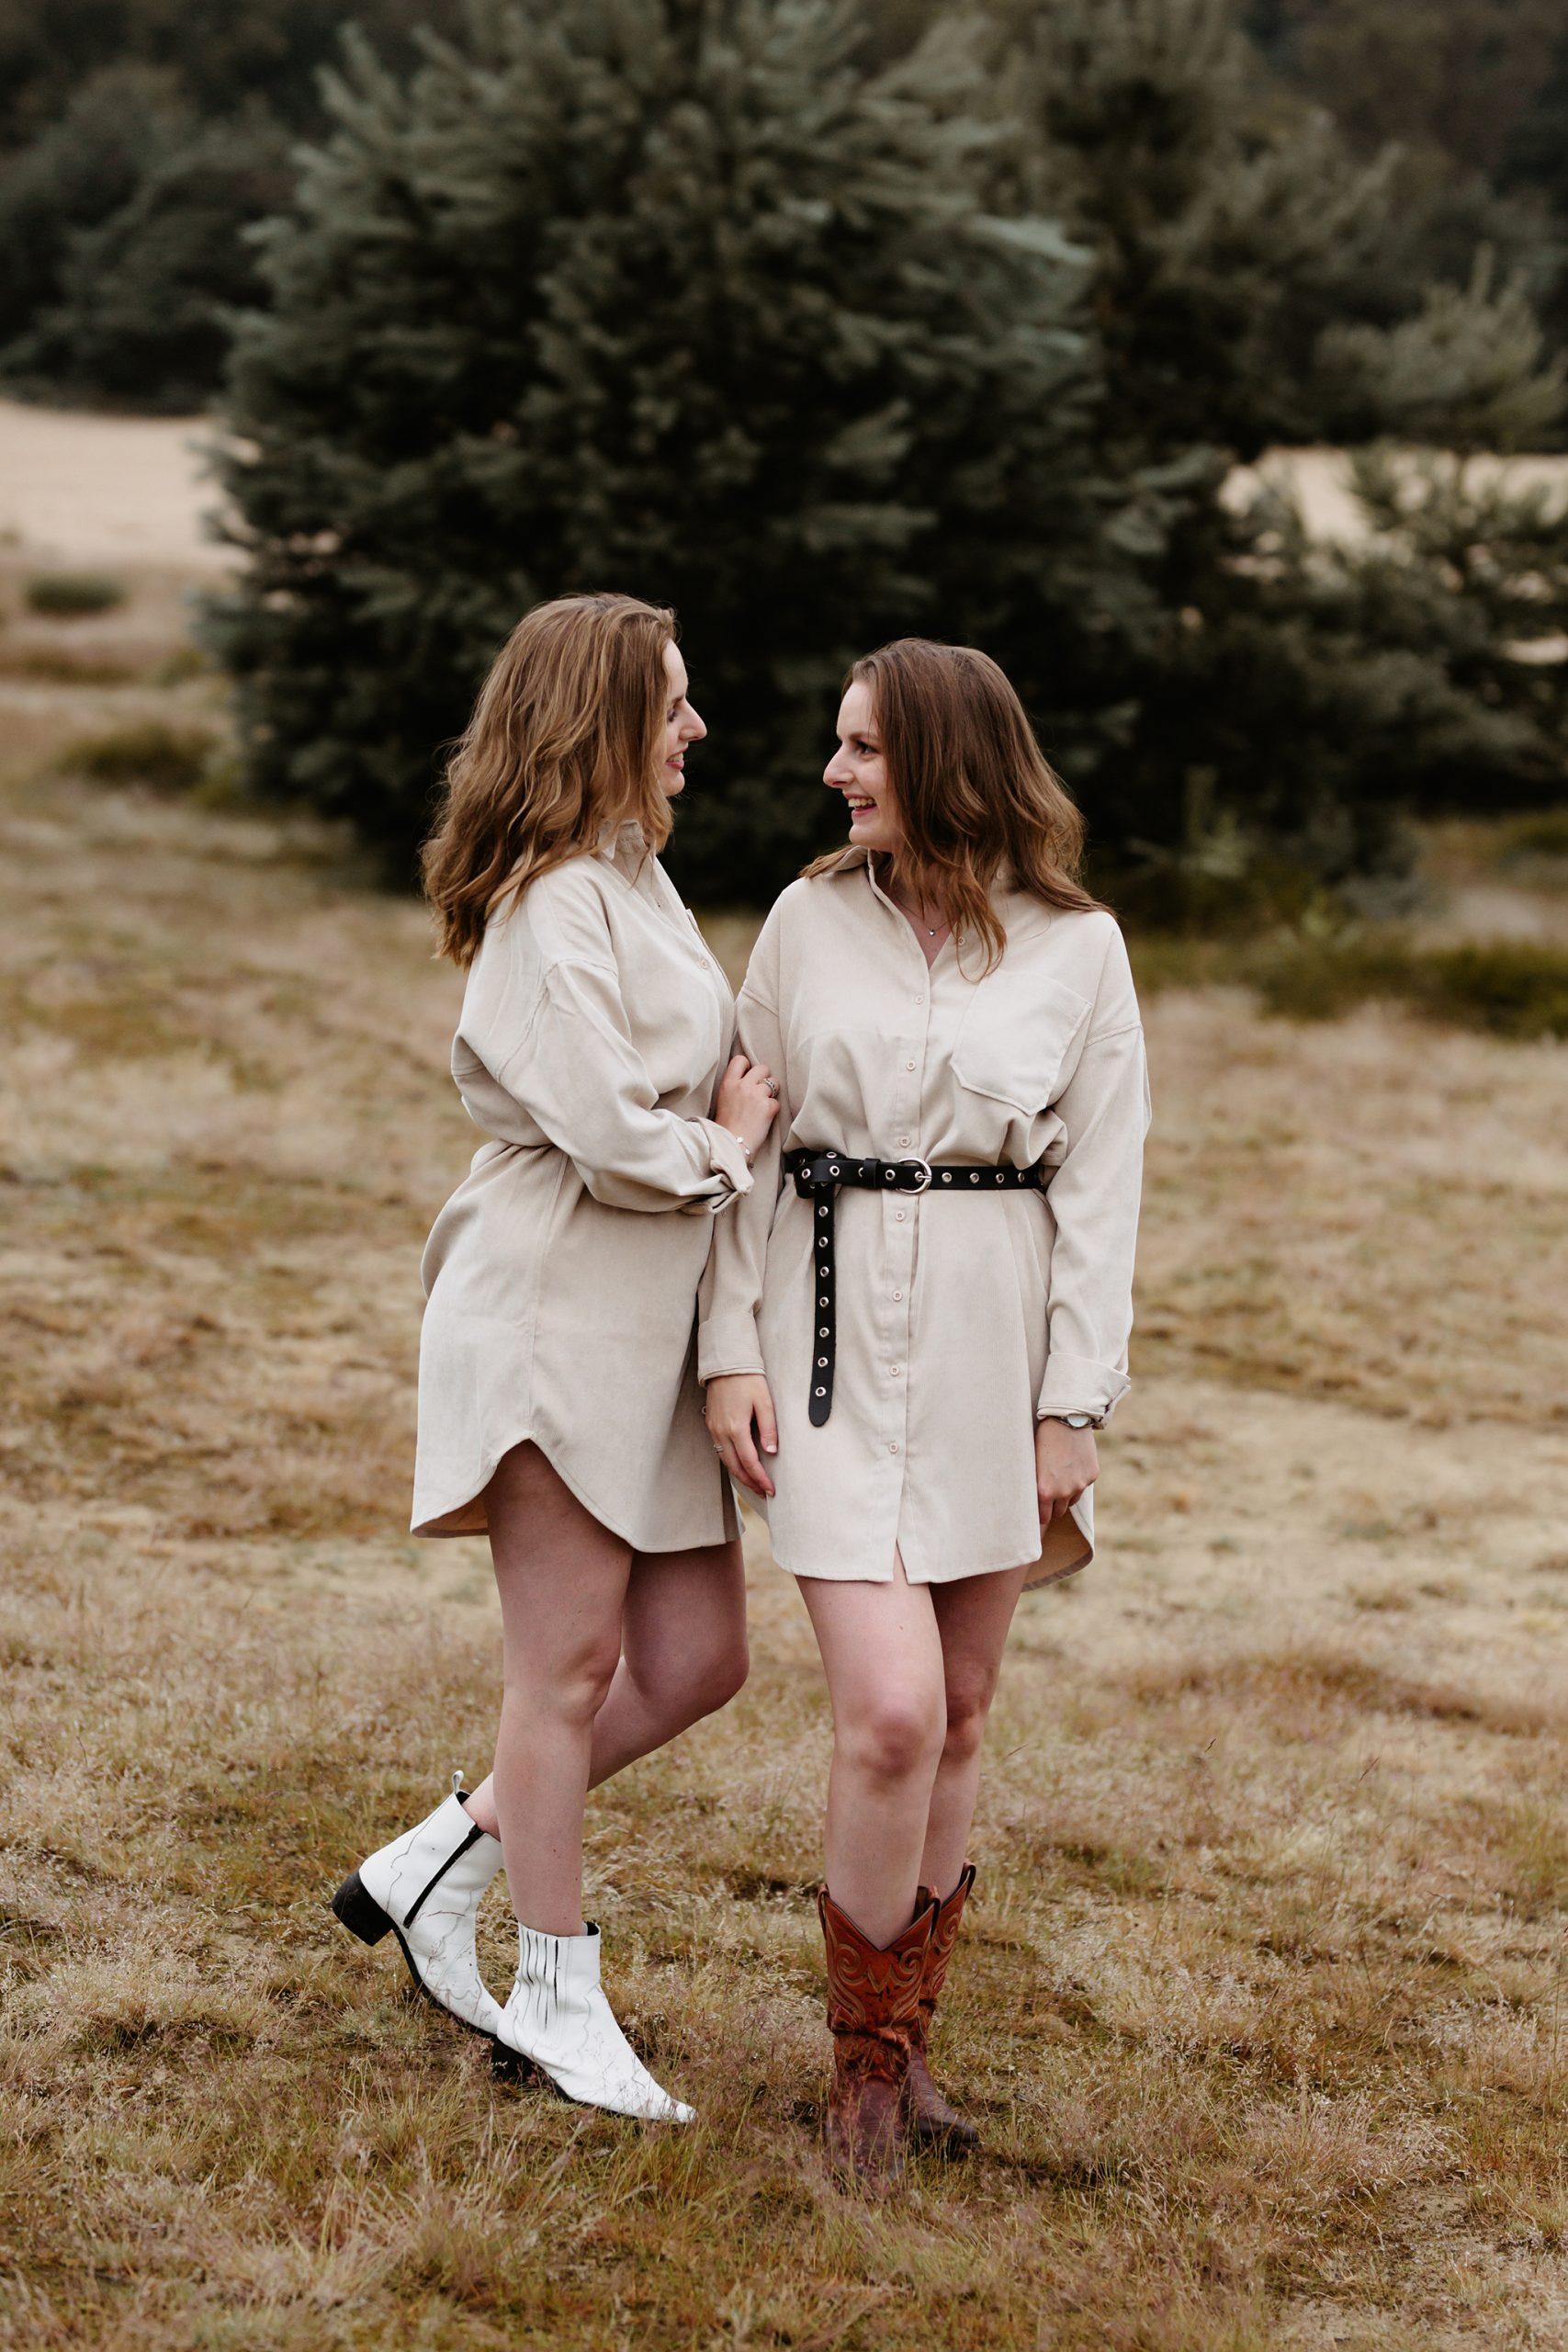 familiereportage fotoshoot familiefotoshoot kim vos fotografie nuenen tweeling zussen